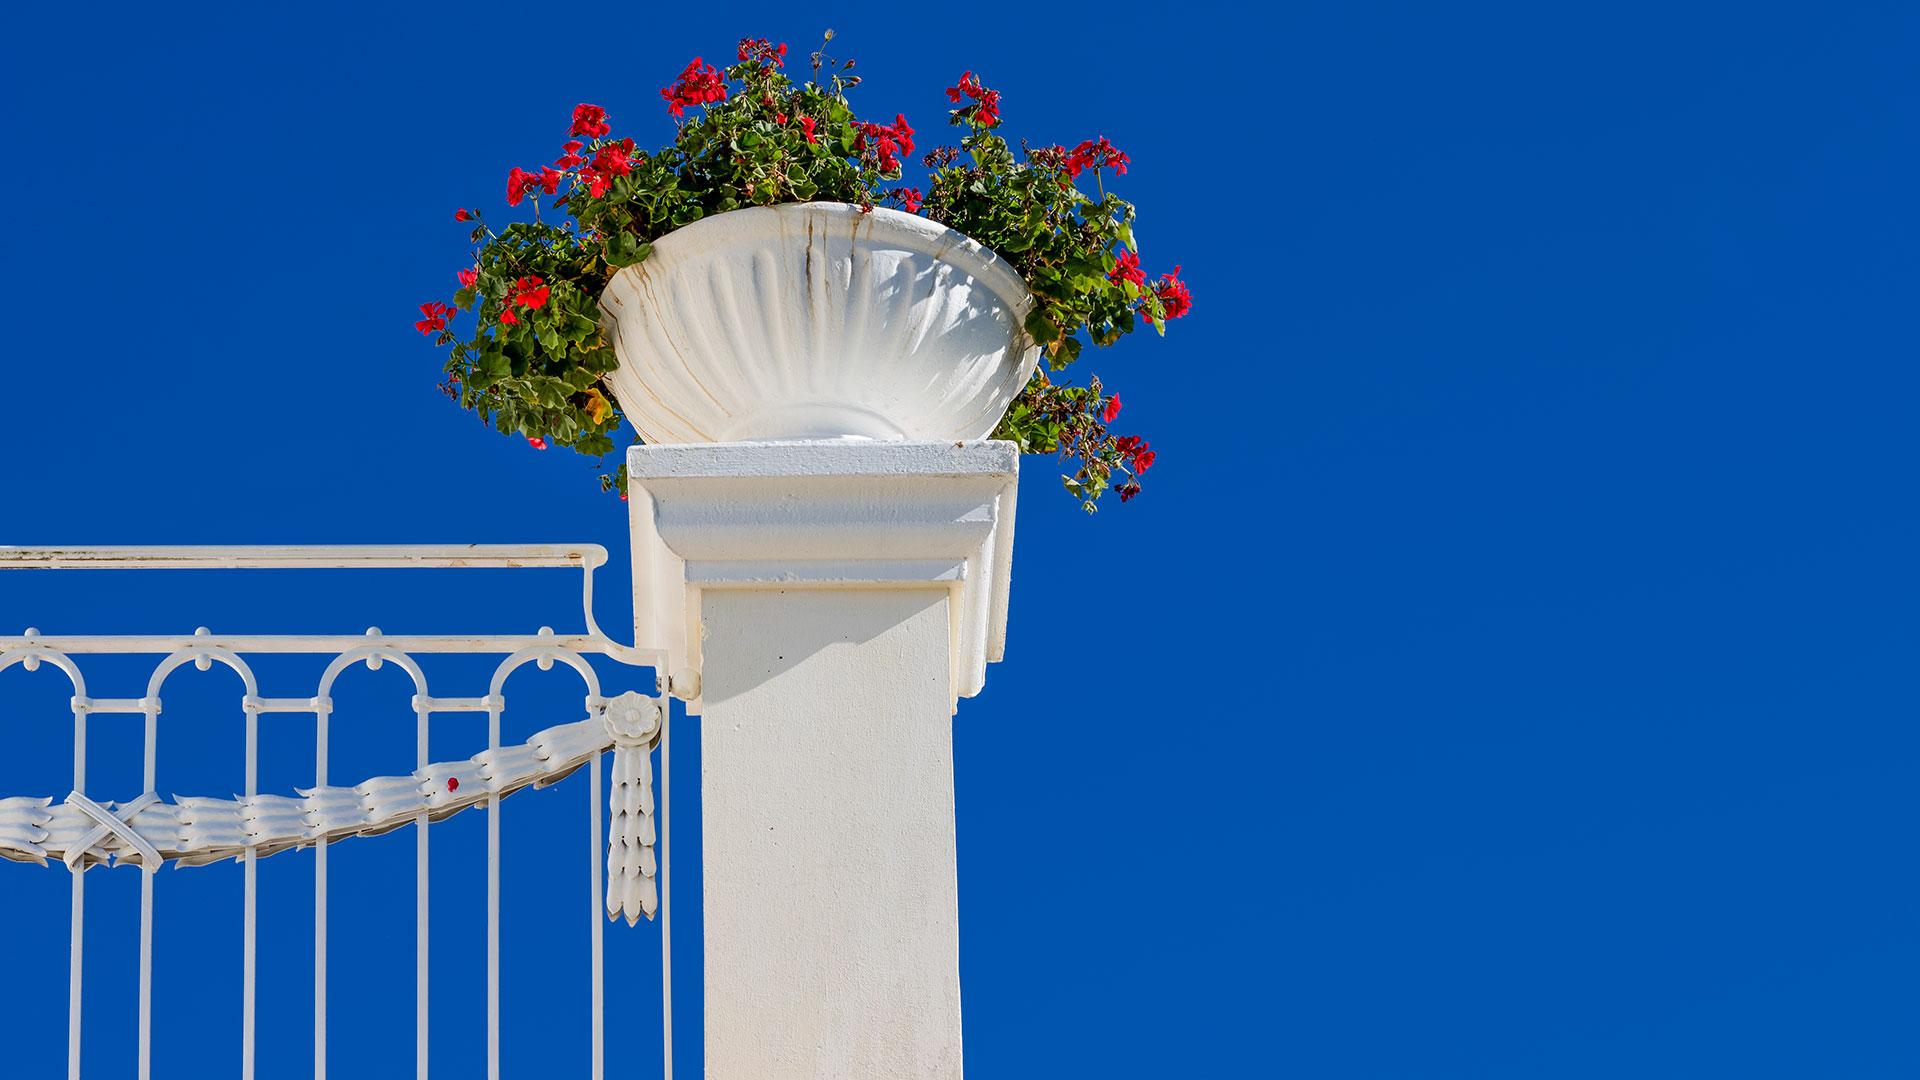 Architekturfotografie: Blumentopf Terrasse | Foto: Dieter Eikenberg, imprints